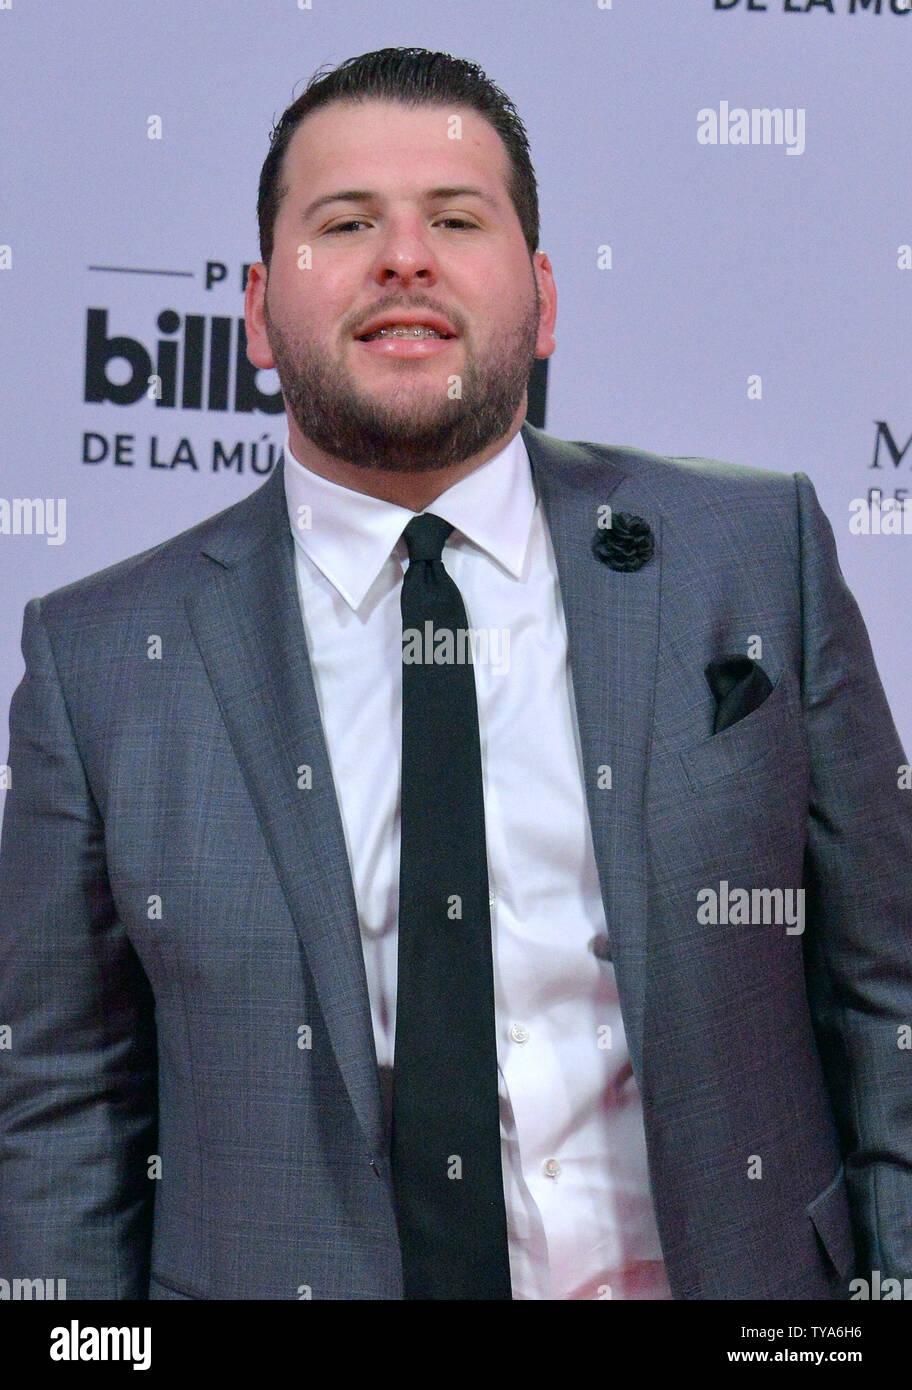 El Fantasma assiste la XXVI edizione Billboard Latin Music Awards al Mandalay Bay Events Centre di Las Vegas, Nevada, il 25 aprile 2019. Foto di Jim Ruymen/UPI Immagini Stock